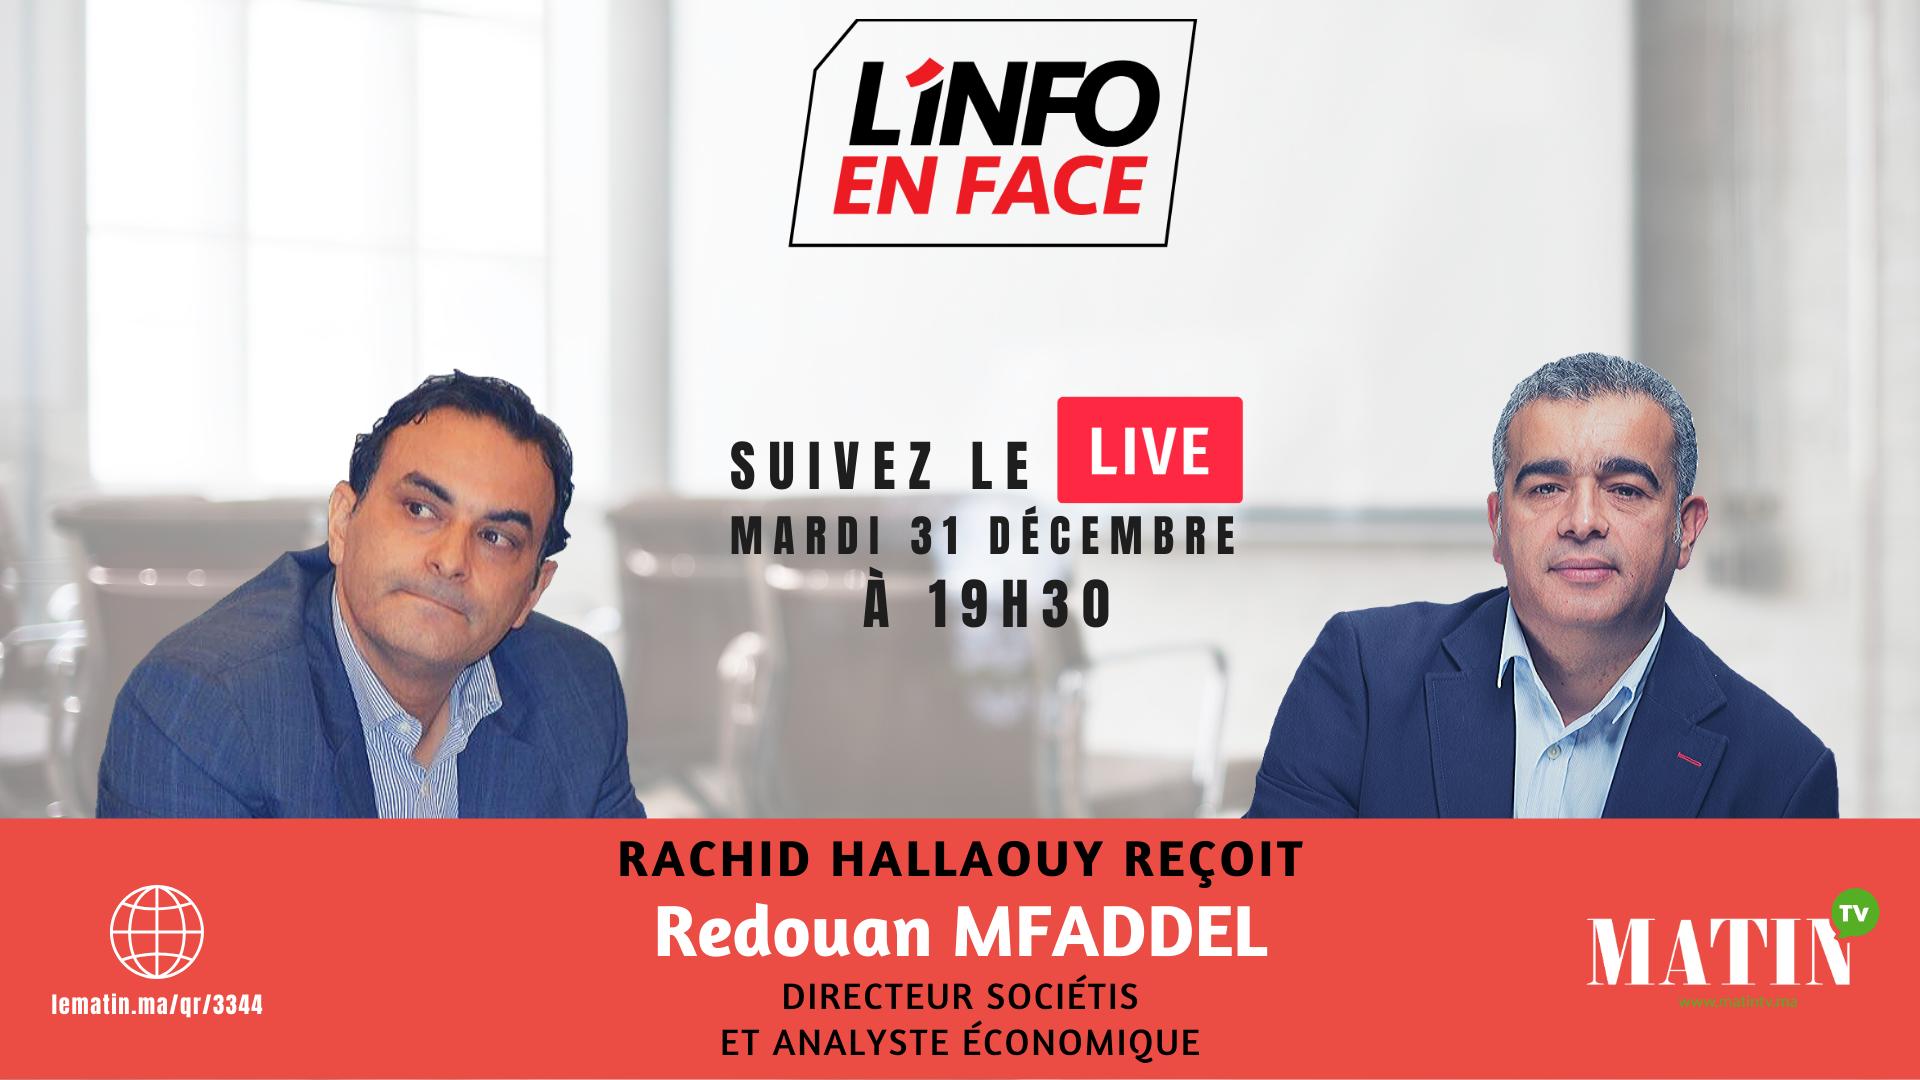 Live : L'Info en Face Rétrospective avec Redouan Mfaddel, directeur Sociétis et analyste économique